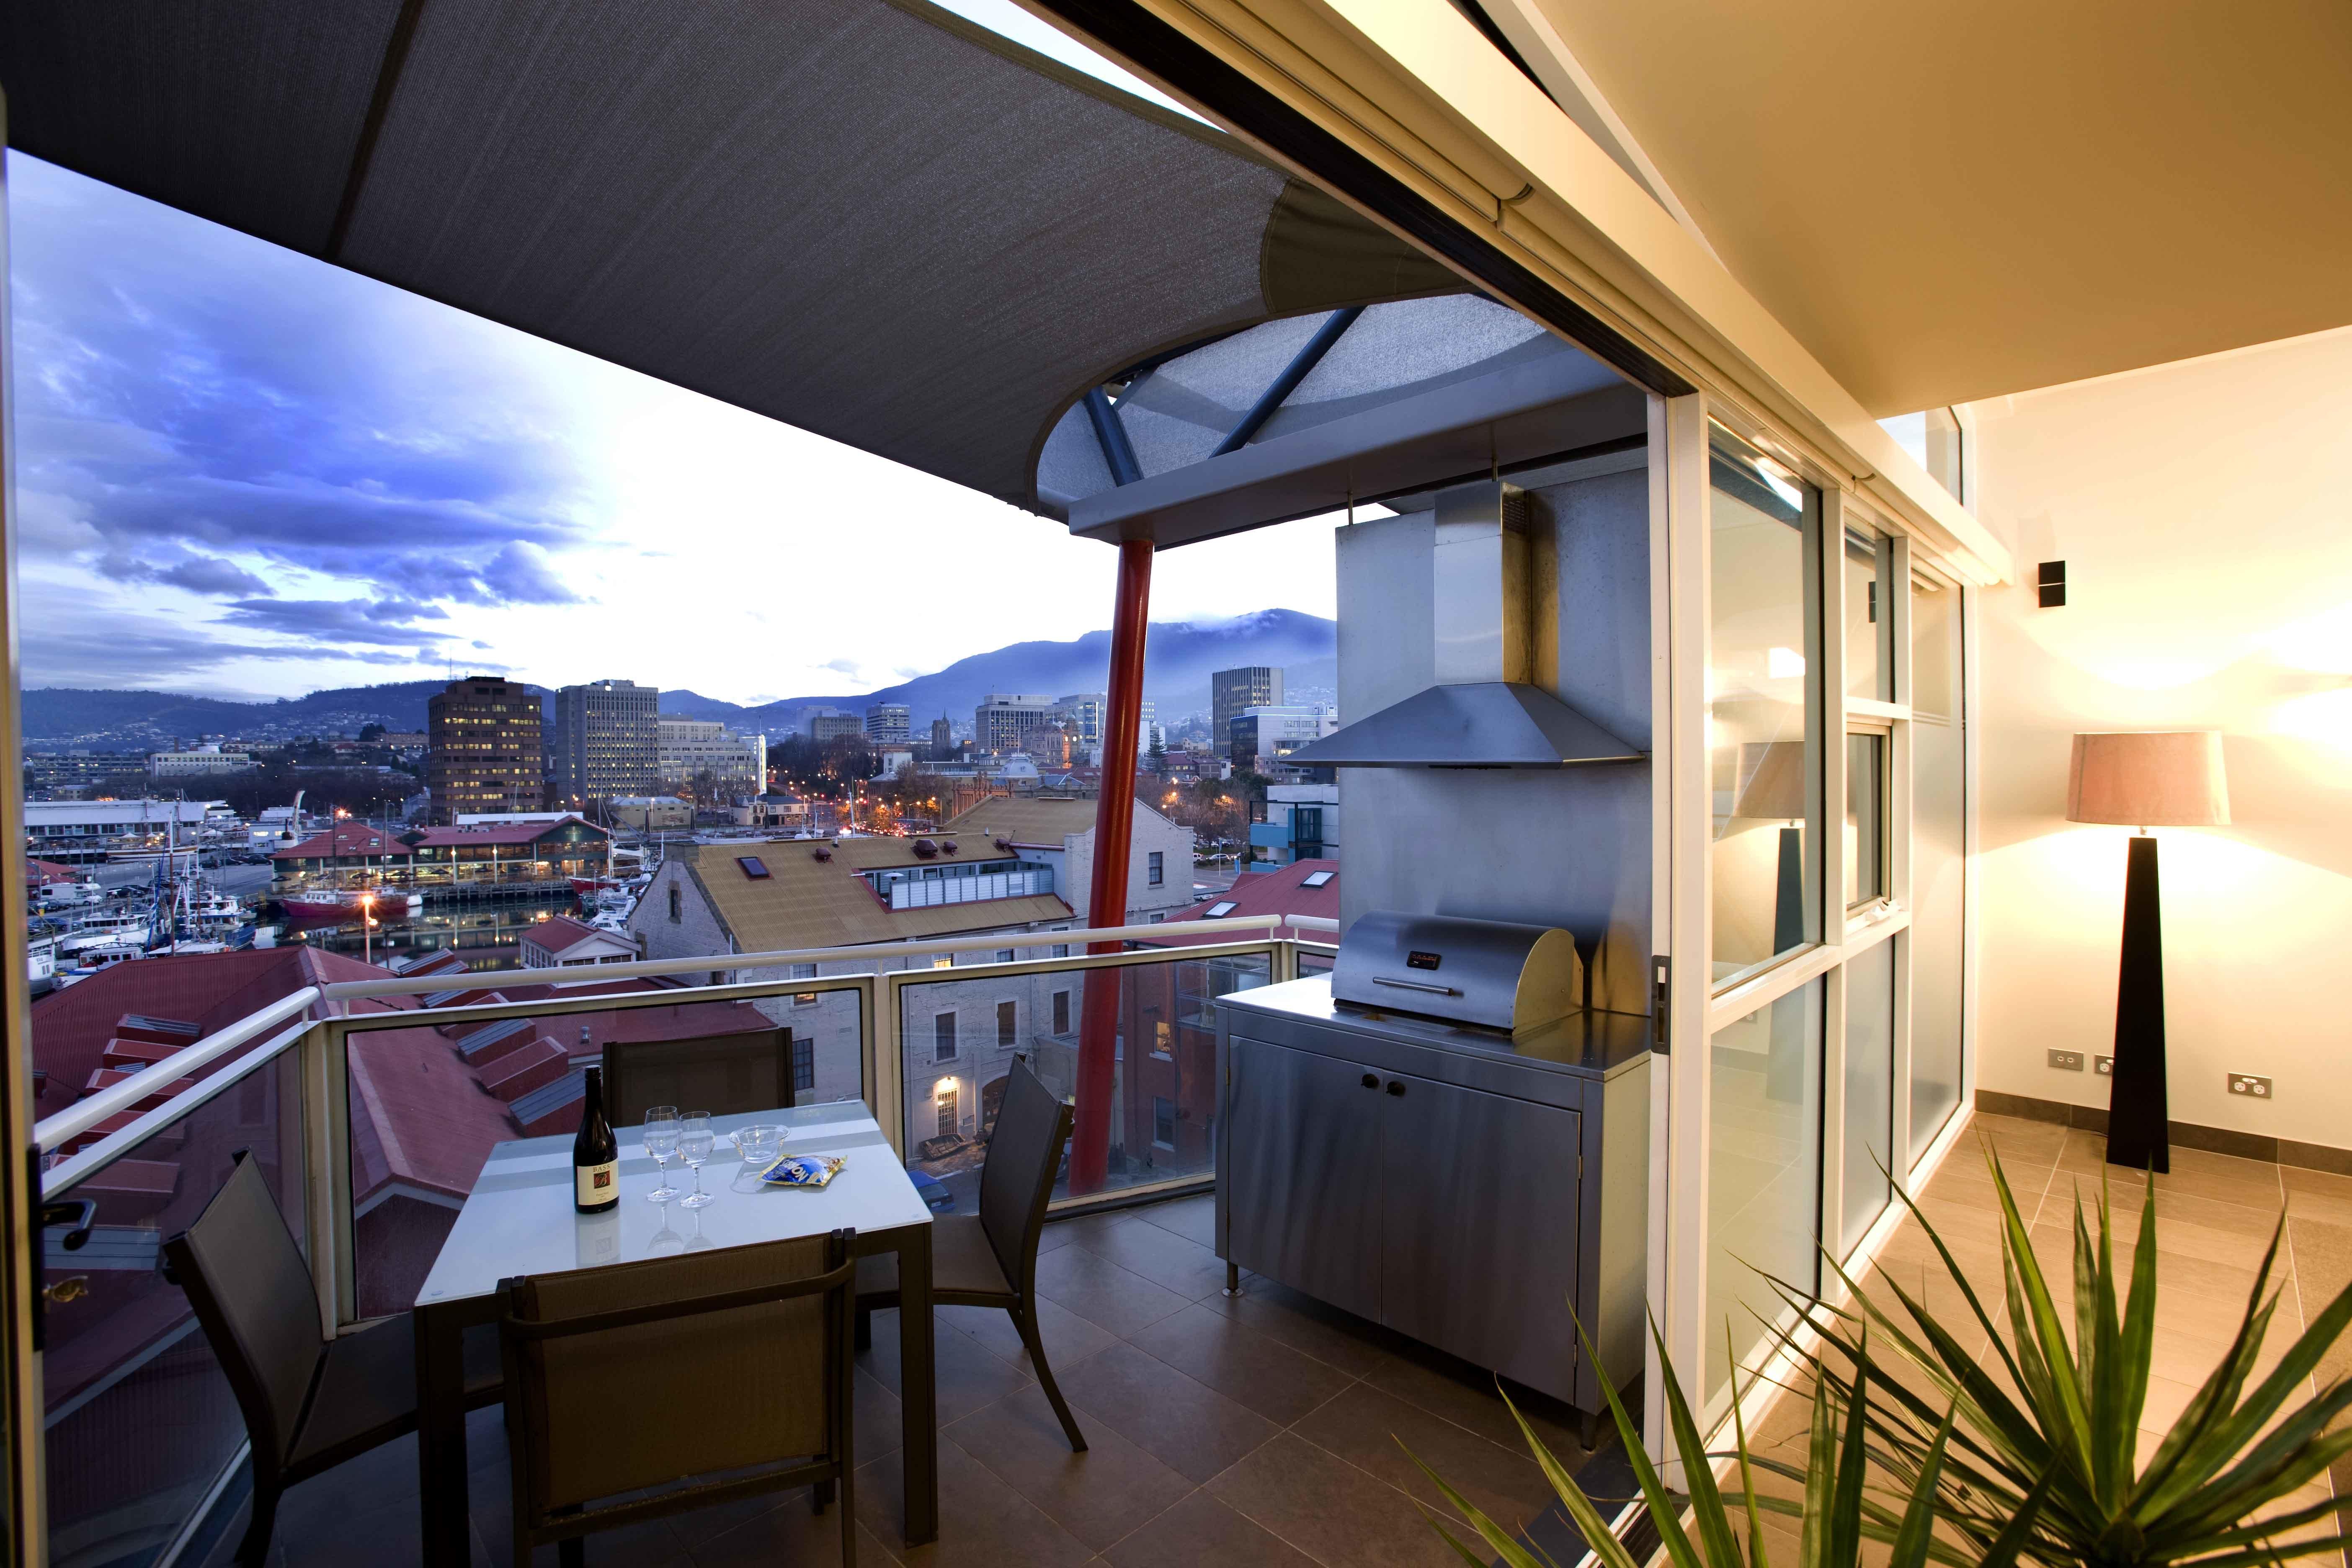 Стиль, дизайн, город, дом, интерьер, балкон, терраса картинк.